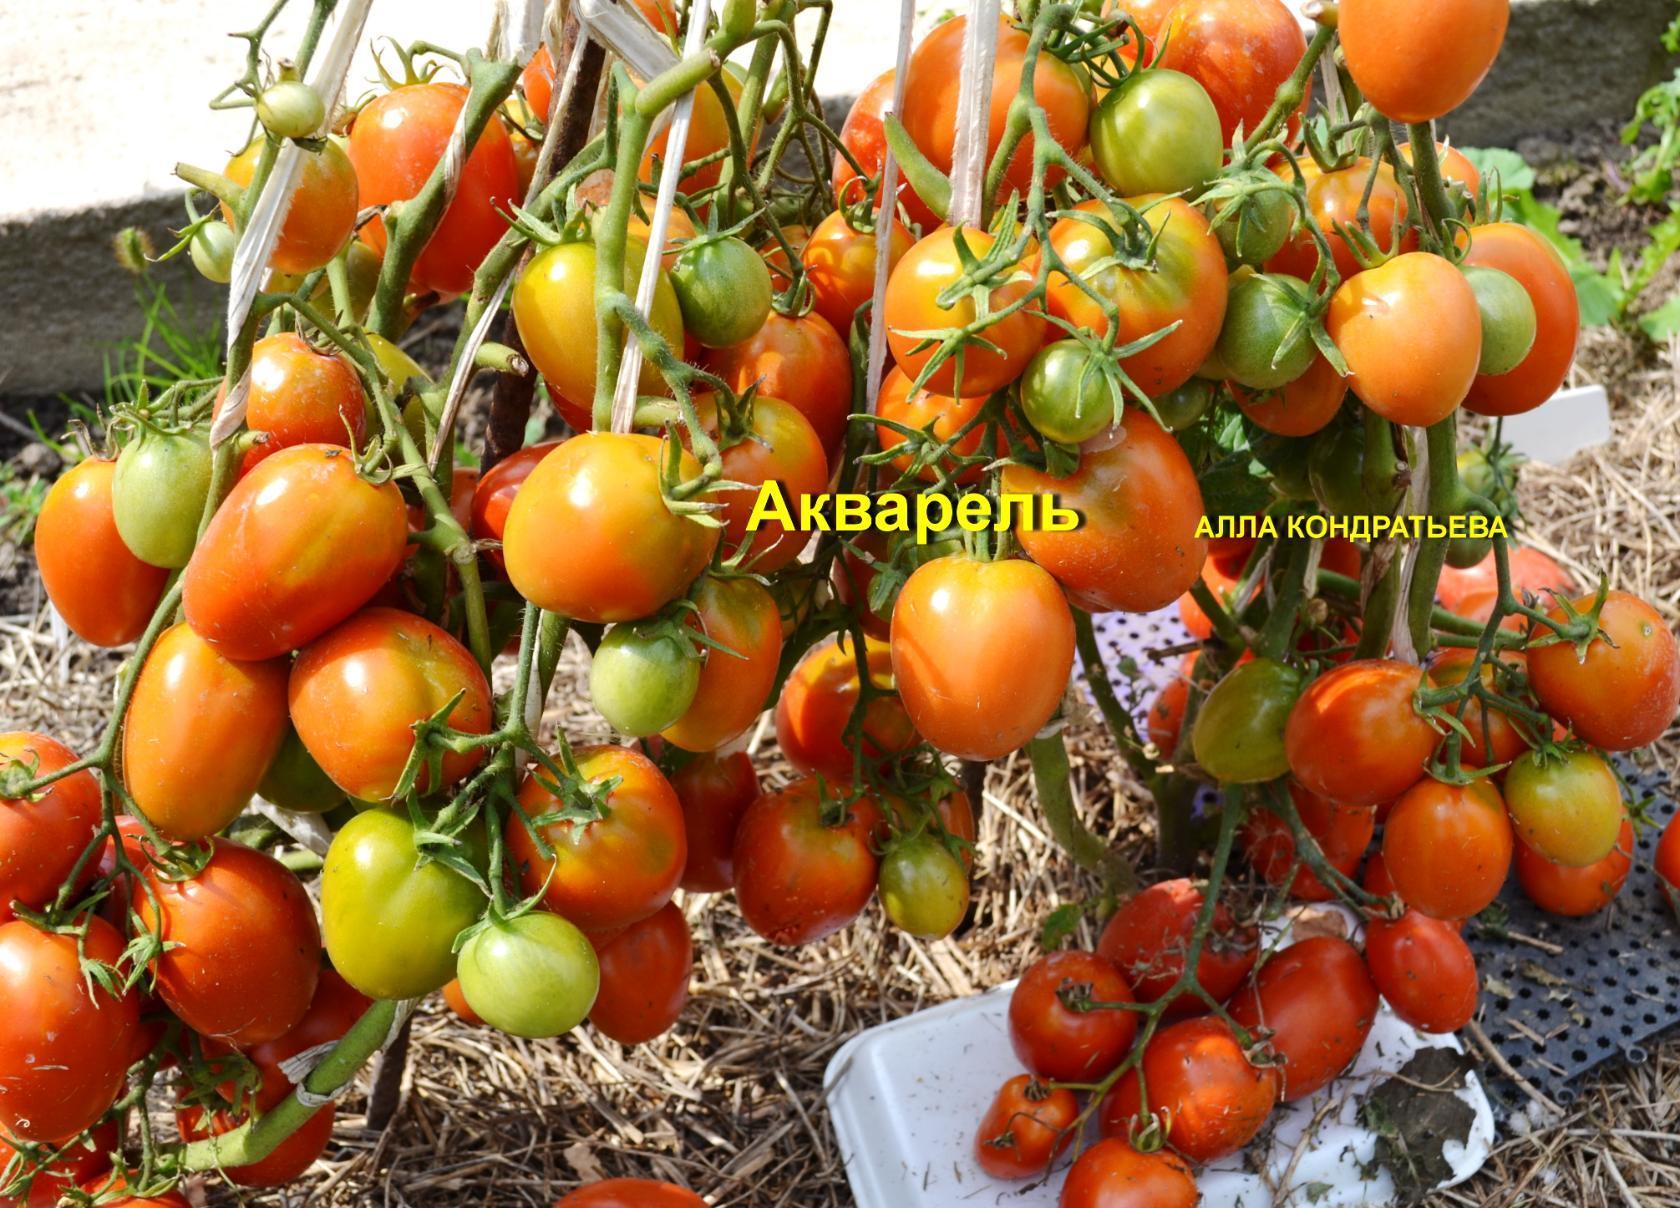 помидоры от Аллы Кондратьевой фото 2